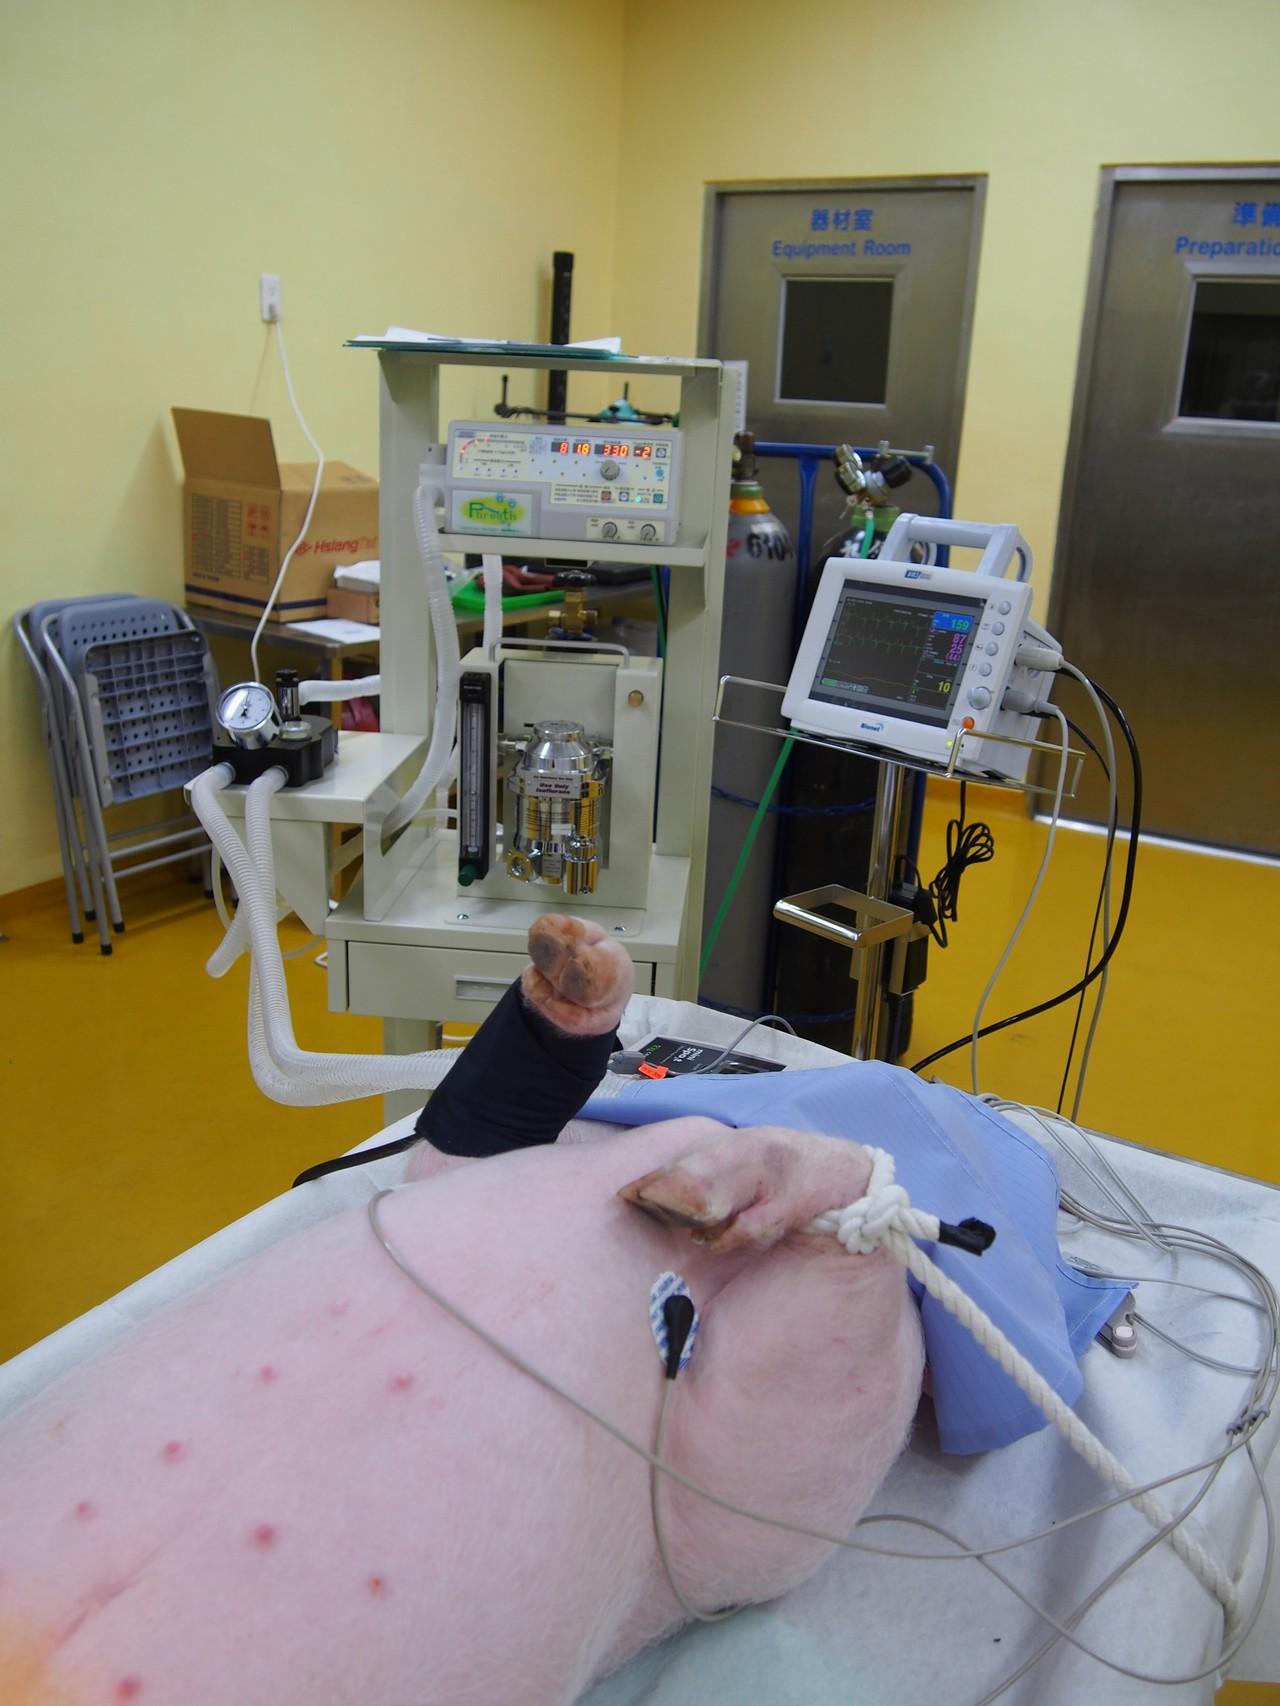 藍瑞斯豬正在接受生理監測。 圖/楊啟裕提供